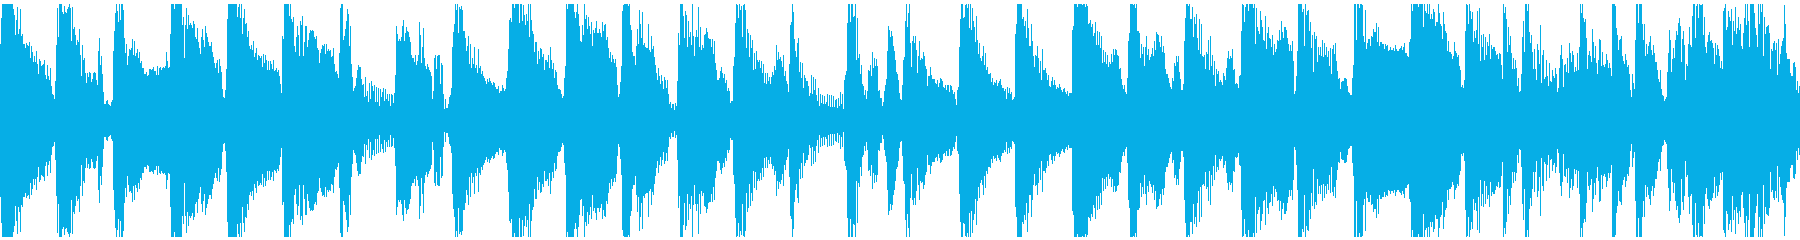 ジプシージャズ/ホットクラブオブフ...の再生済みの波形